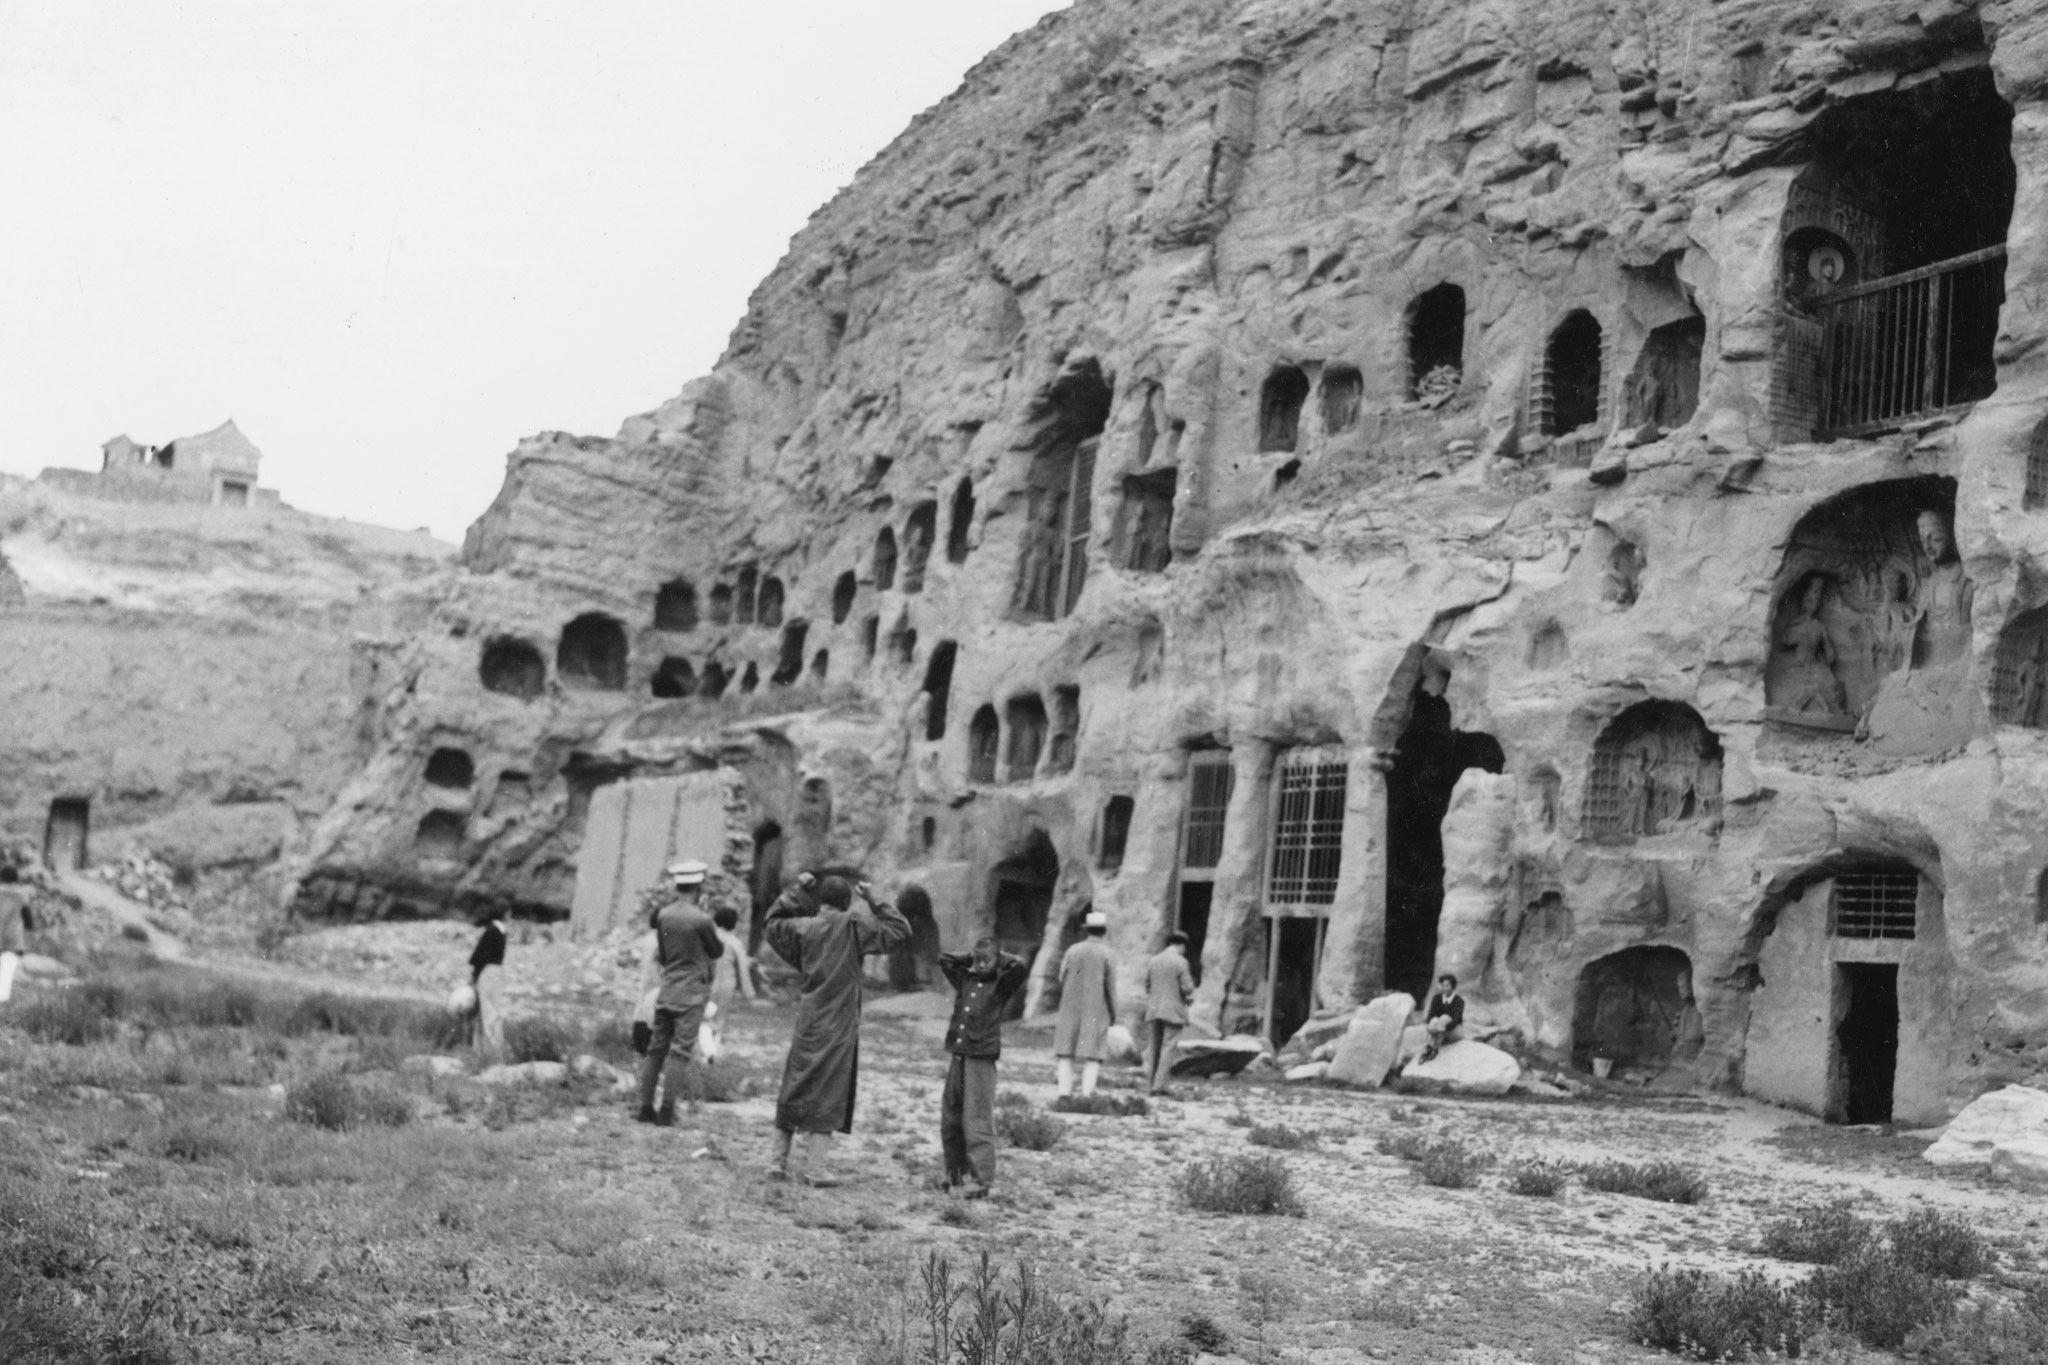 Galerie | Historische Aufnahmen von Höhlenwohnungen aus aller Welt | National Geographic